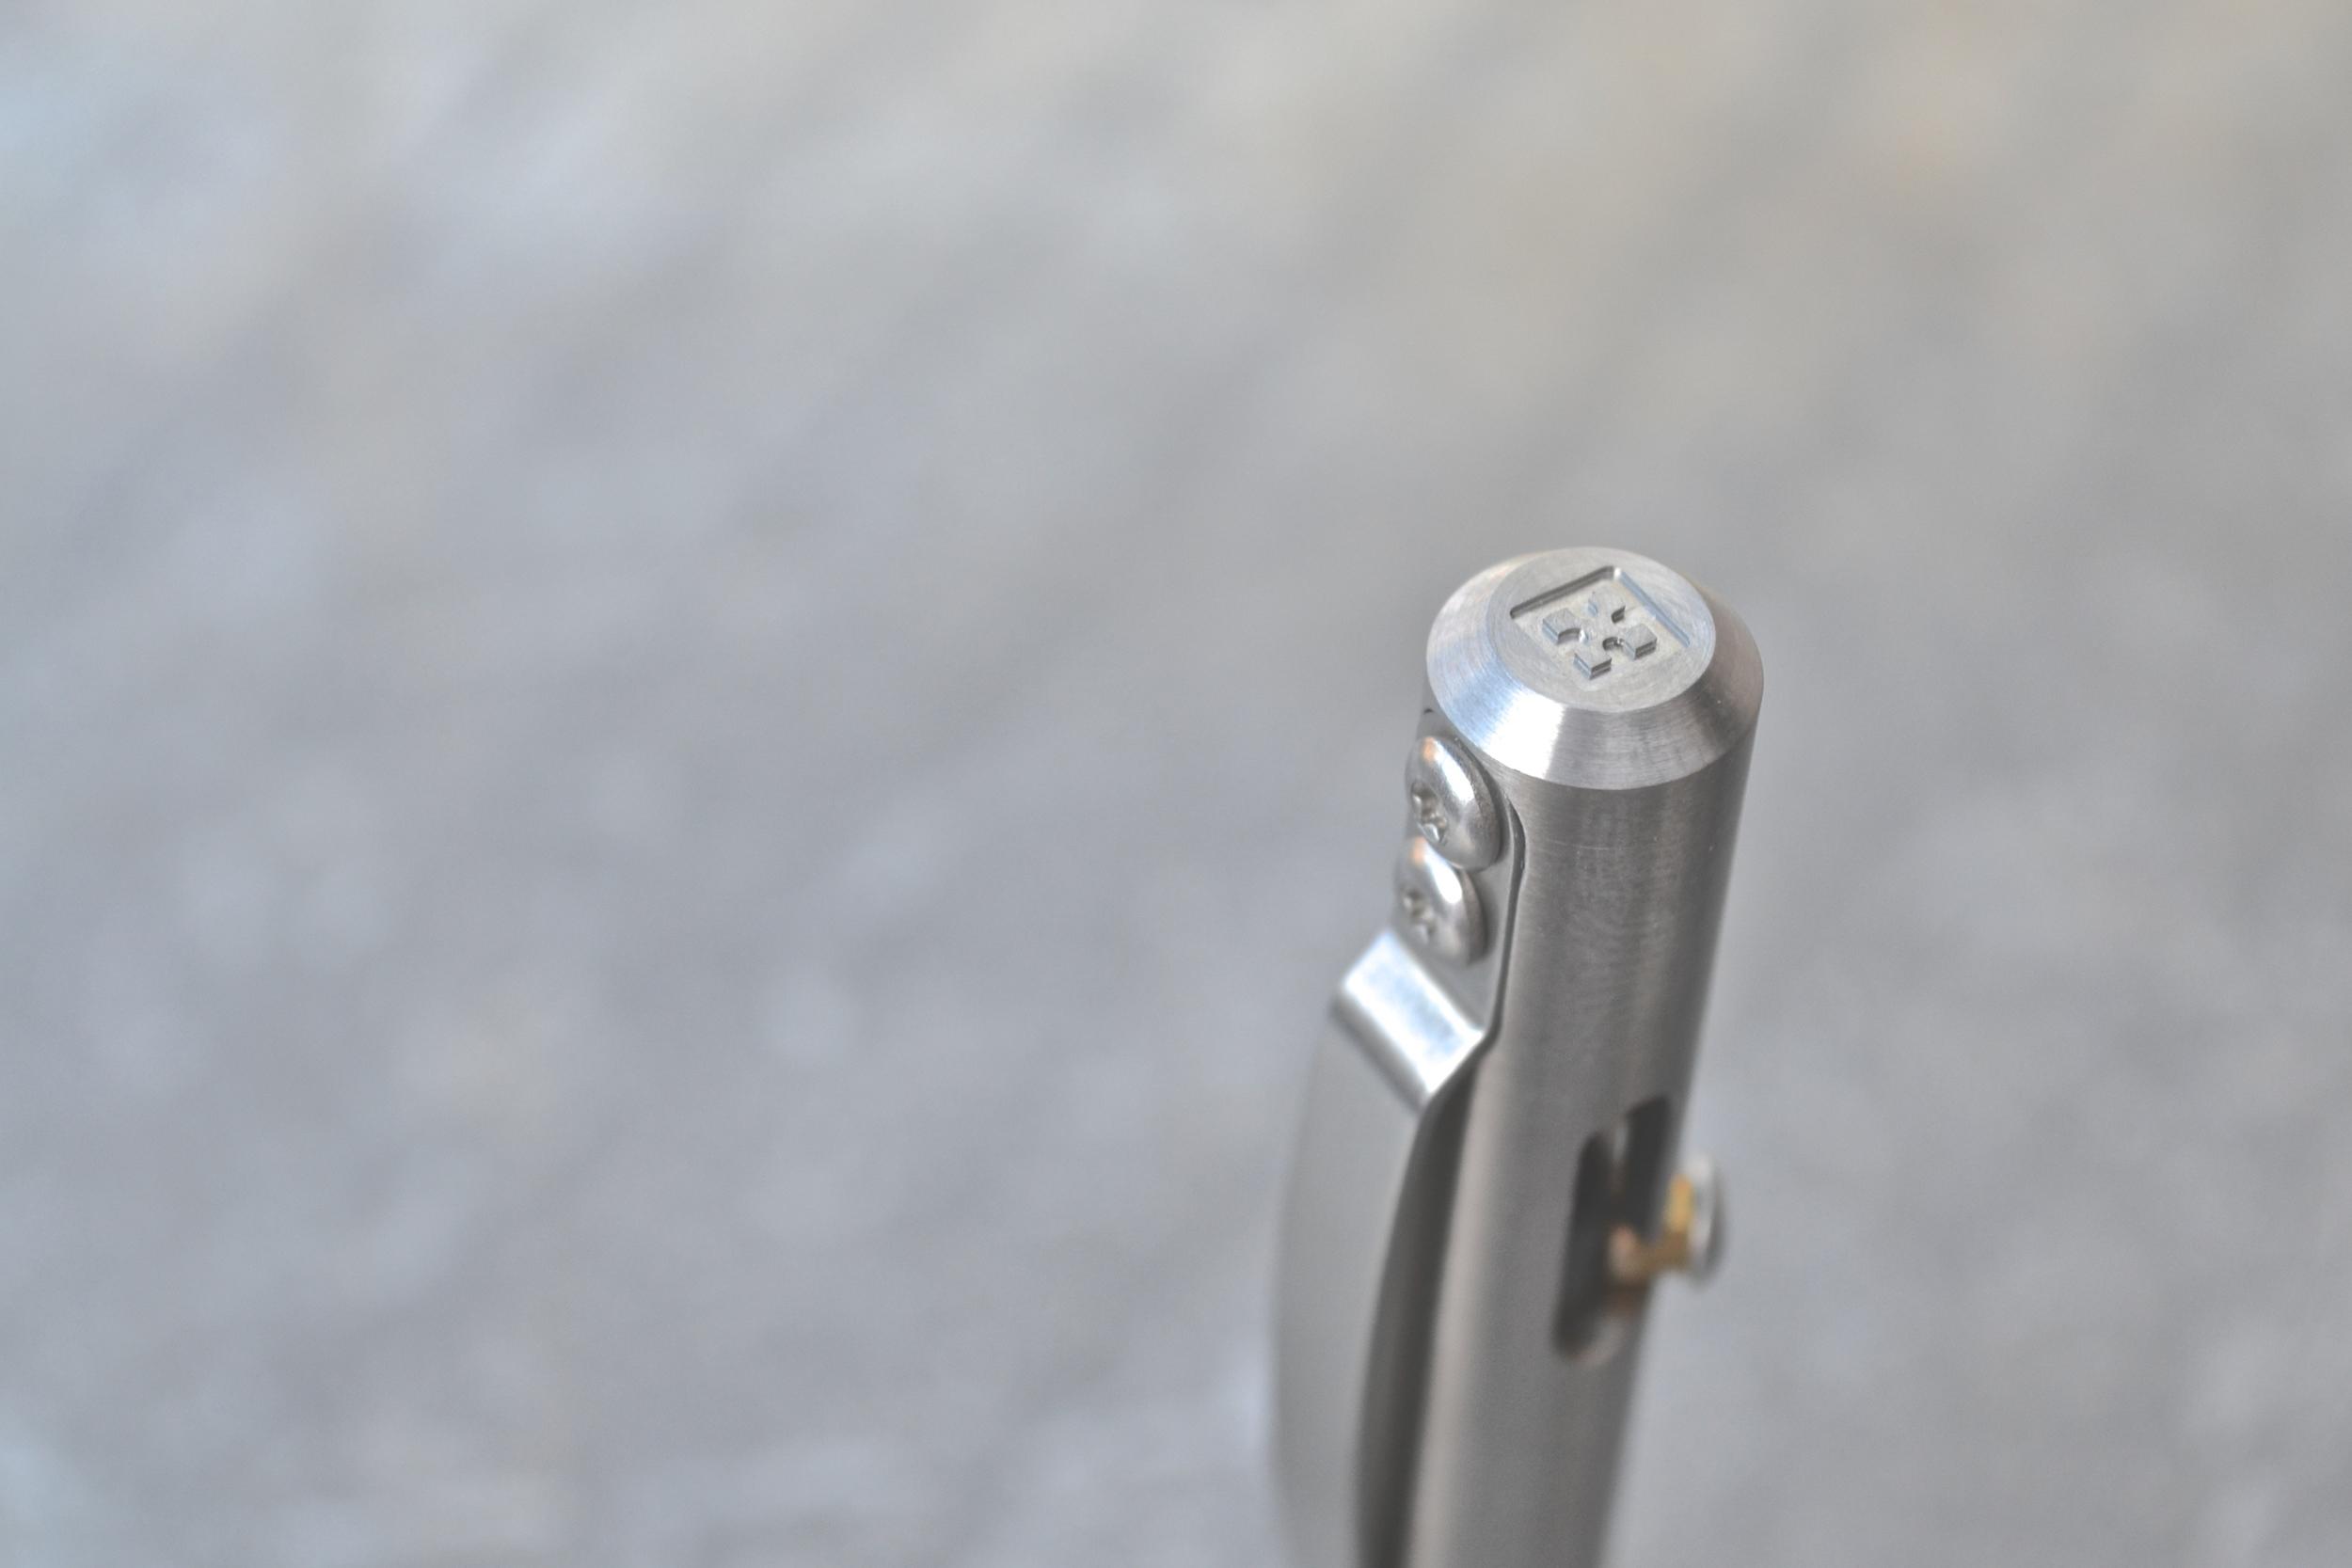 Titanium MaxmadcoBolt Action Retractable Pen Review